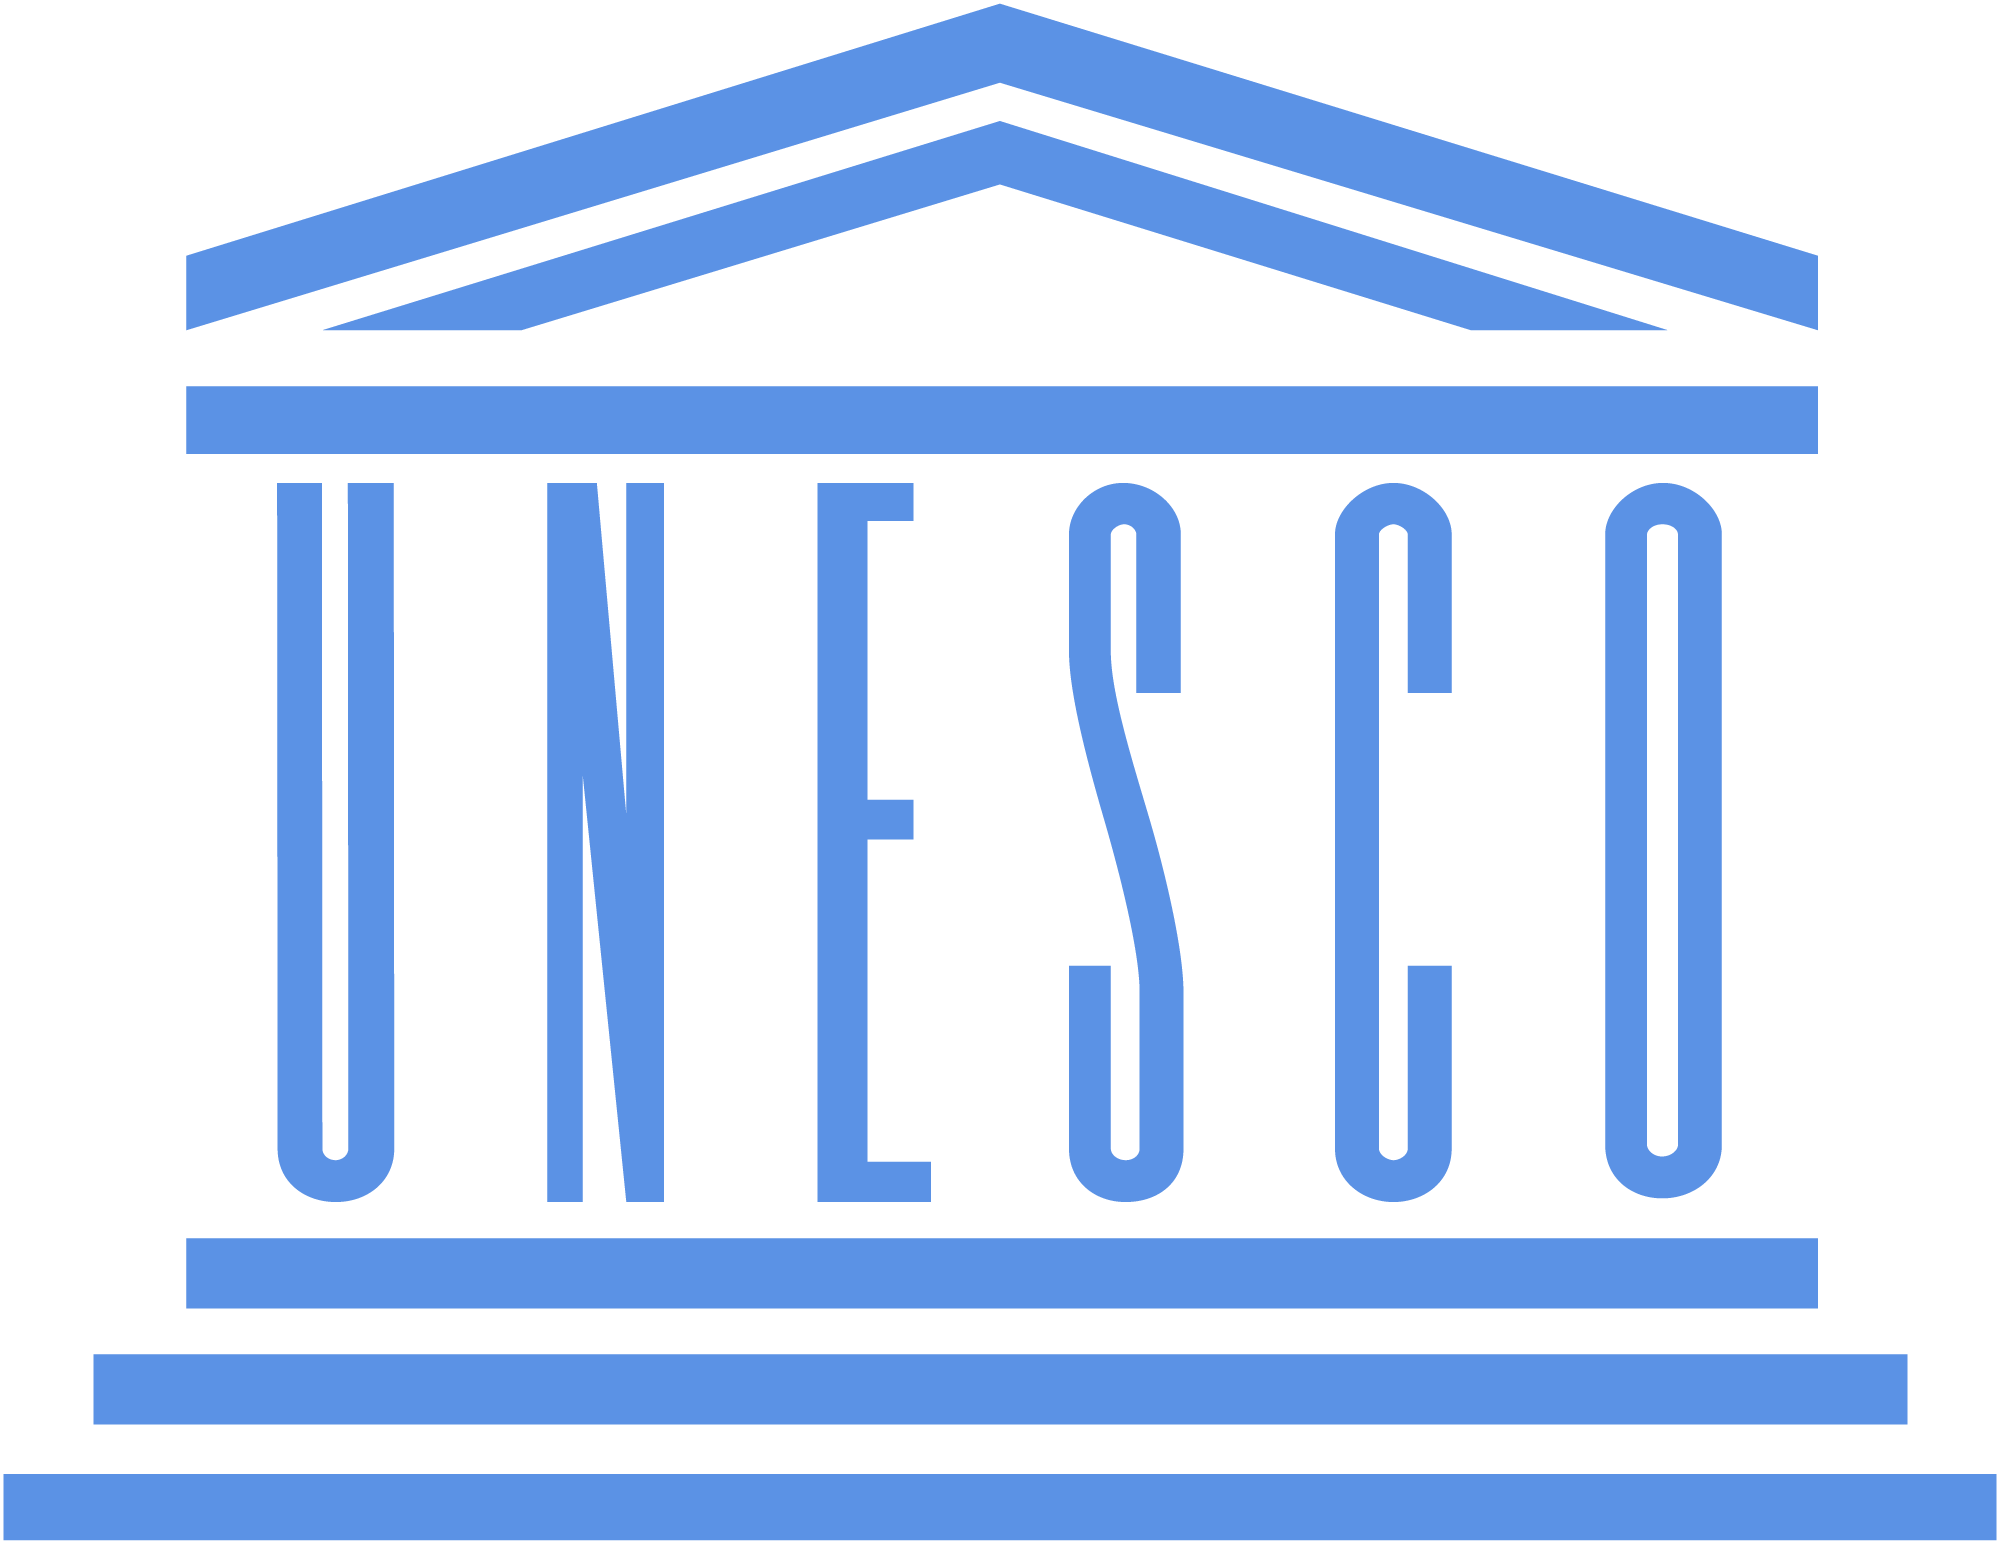 Векторная эмблема ЮНЕСКО